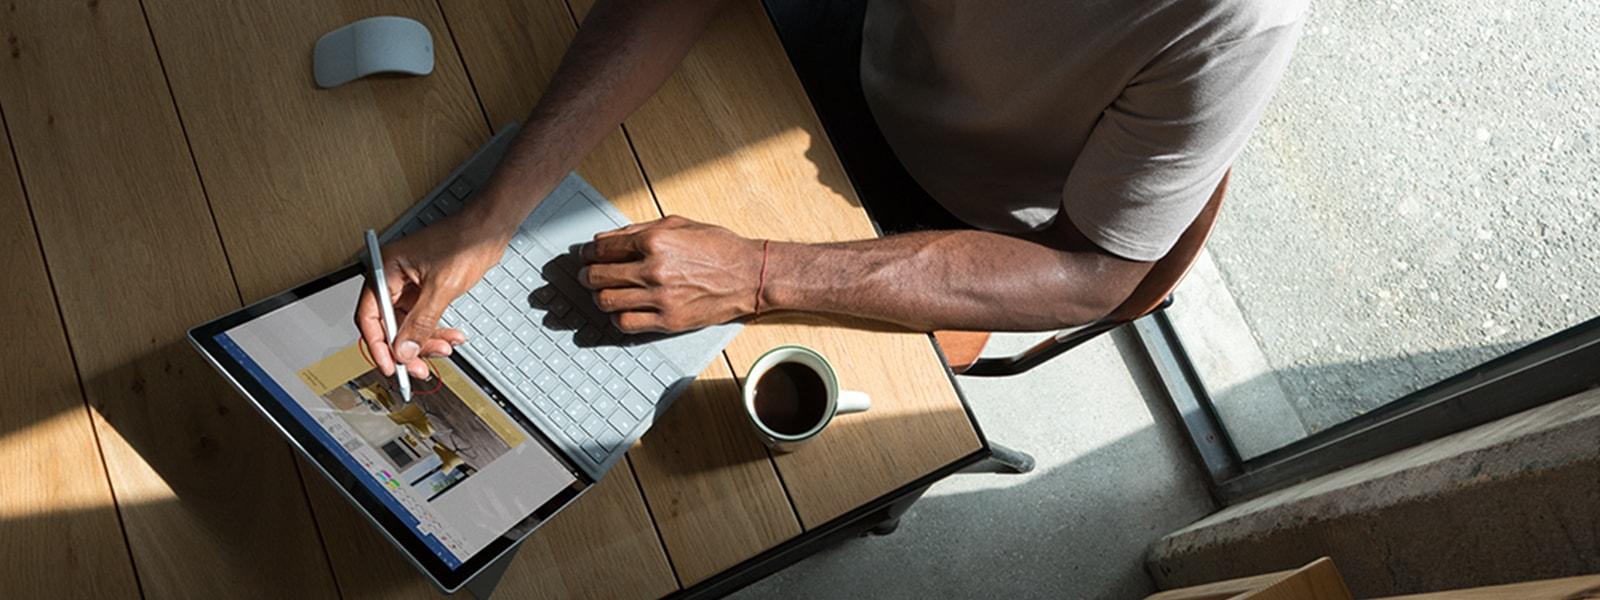 男人在咖啡厅环境中在 Surface Pro 上使用 Surface 触控笔。